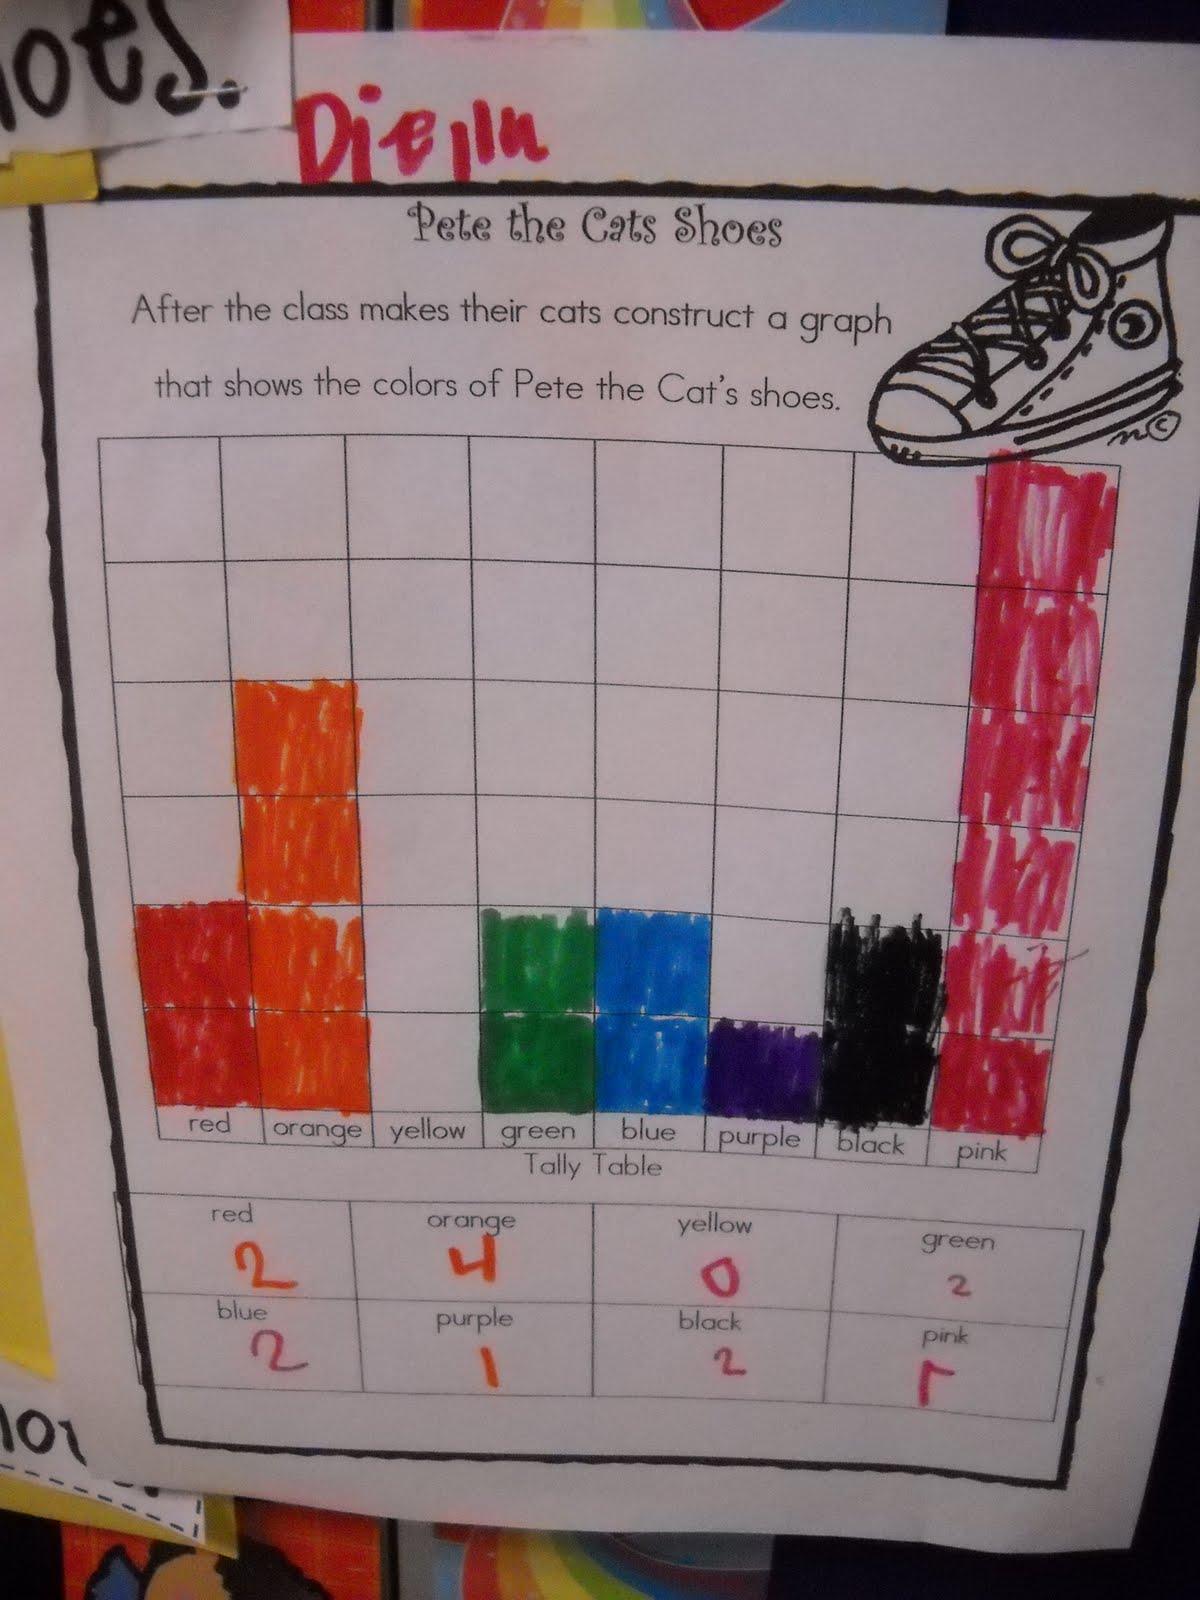 Kinder Garden: Mrs. Wood's Kindergarten Class: Pete The Cat